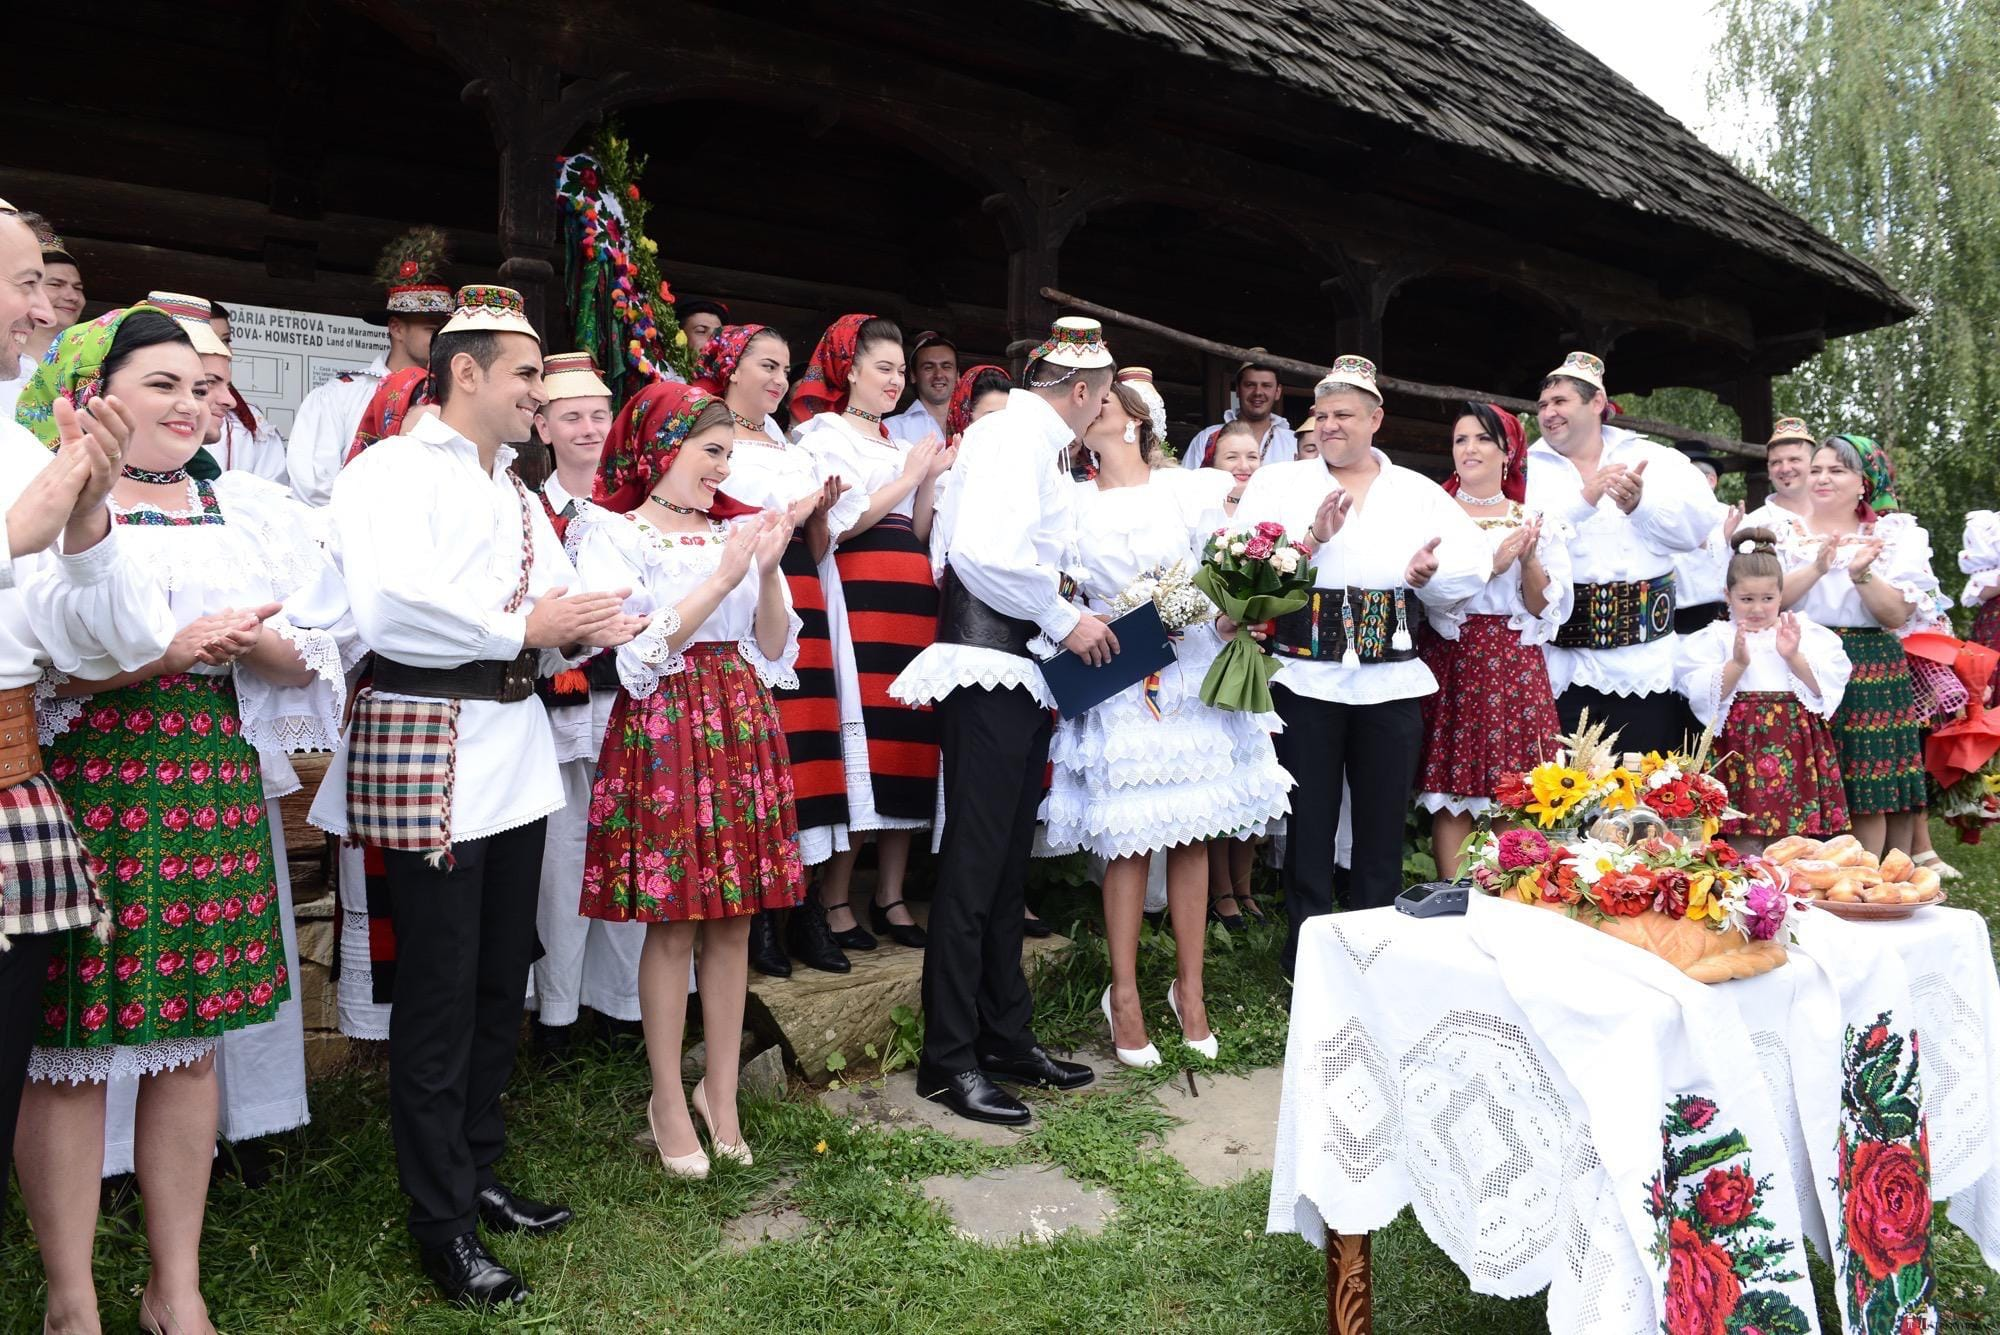 Povești Nunți Tradiționale - Florentina Vlad și Lemnean Ionuț. Cununie tradițională în Baia Mare 18